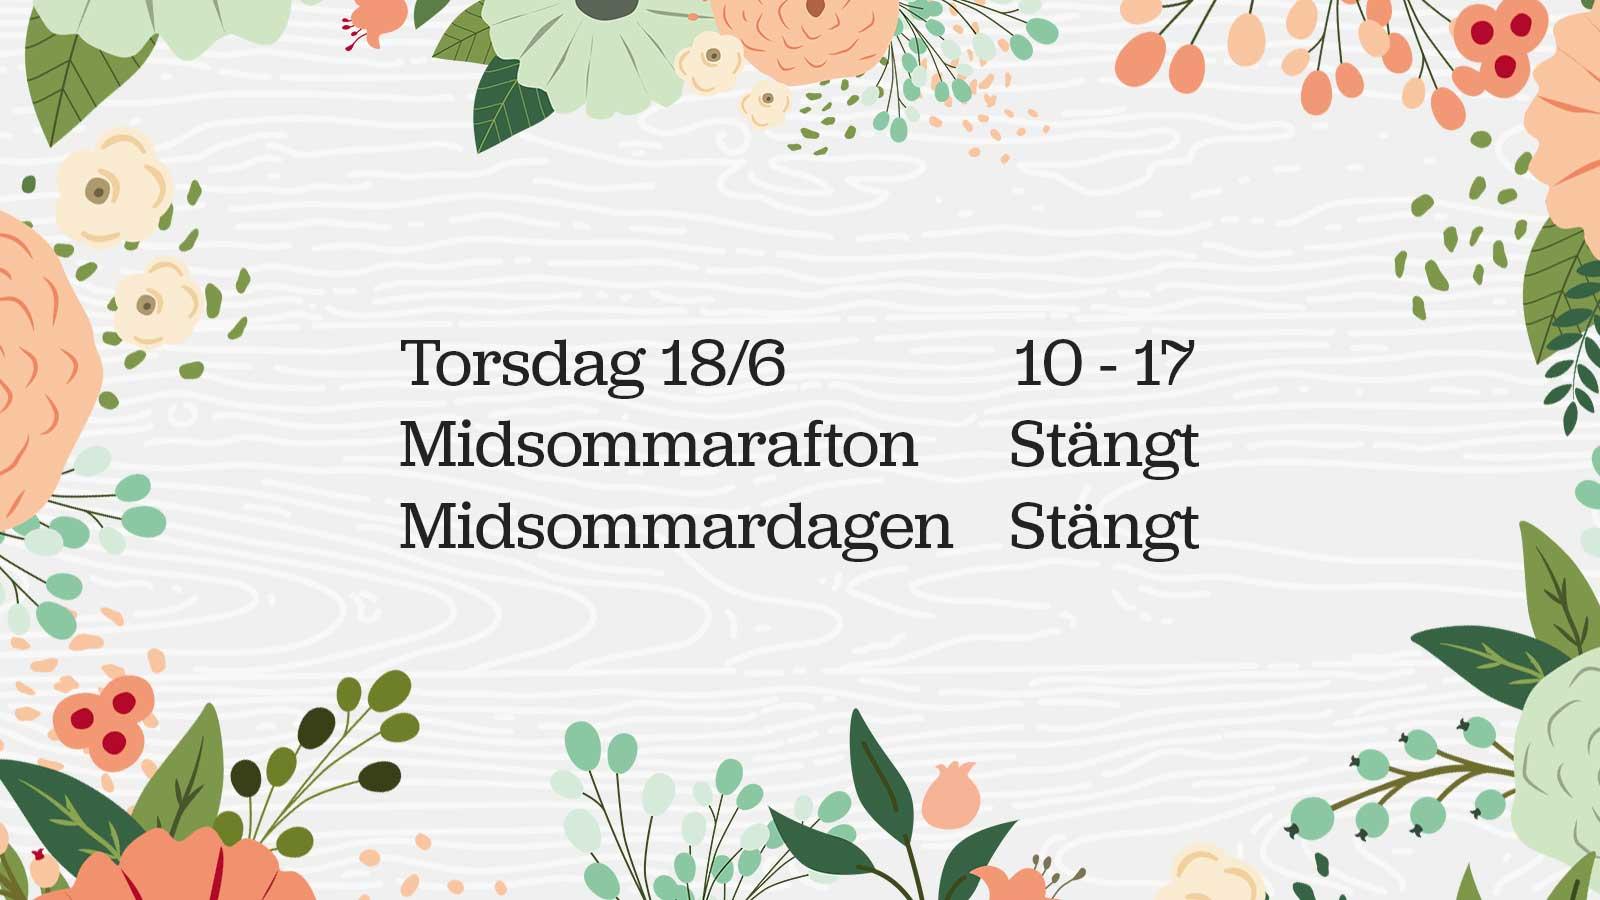 nyheter-blogg-2015-öppettider-midsommar